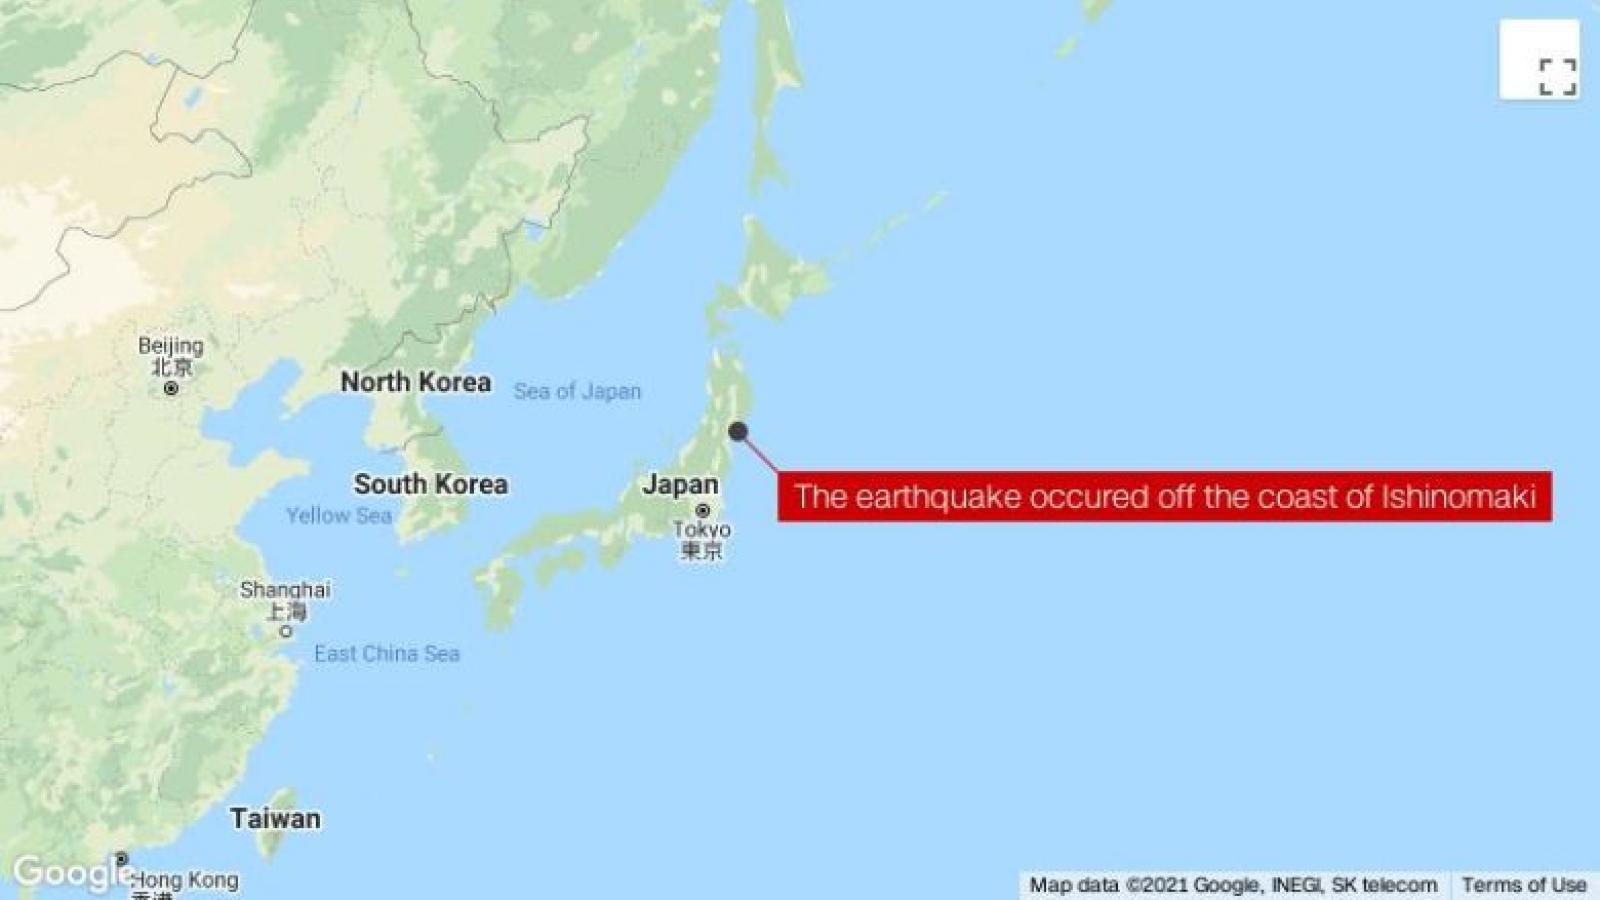 Thiệt hại ban đầu của trận động đất mạnh 7,2 độ tại Nhật Bản